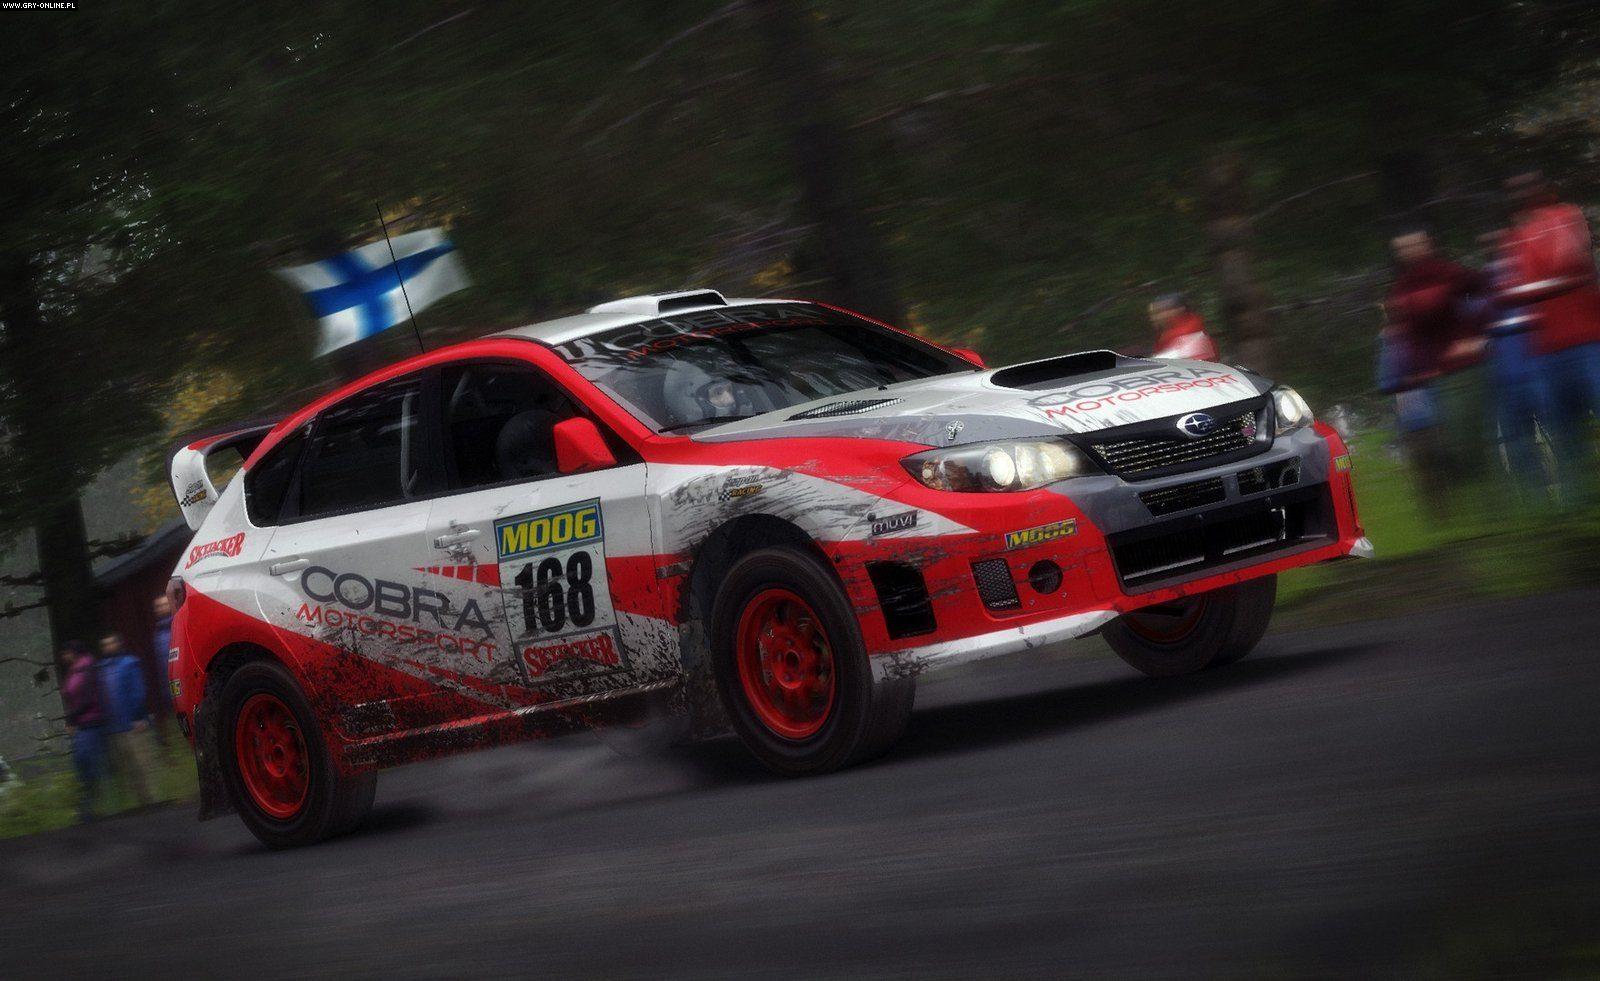 DiRT Rally image #2